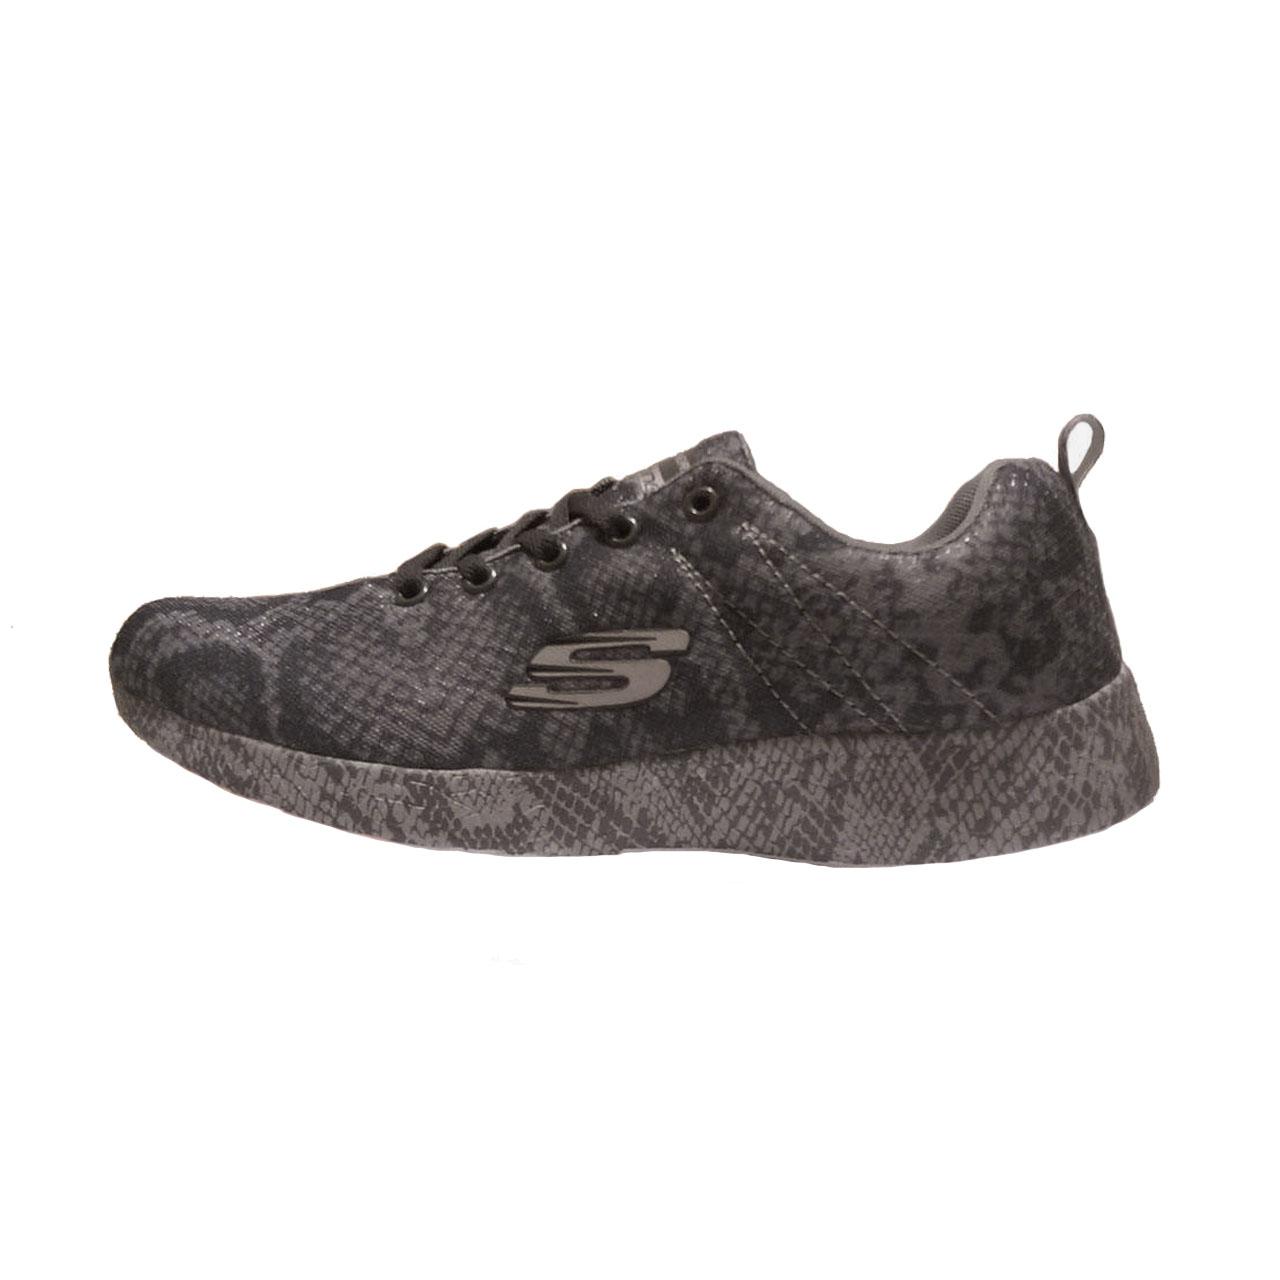 قیمت کفش مخصوص پیاده روی مردانه اسکچرز مدل TRAINING